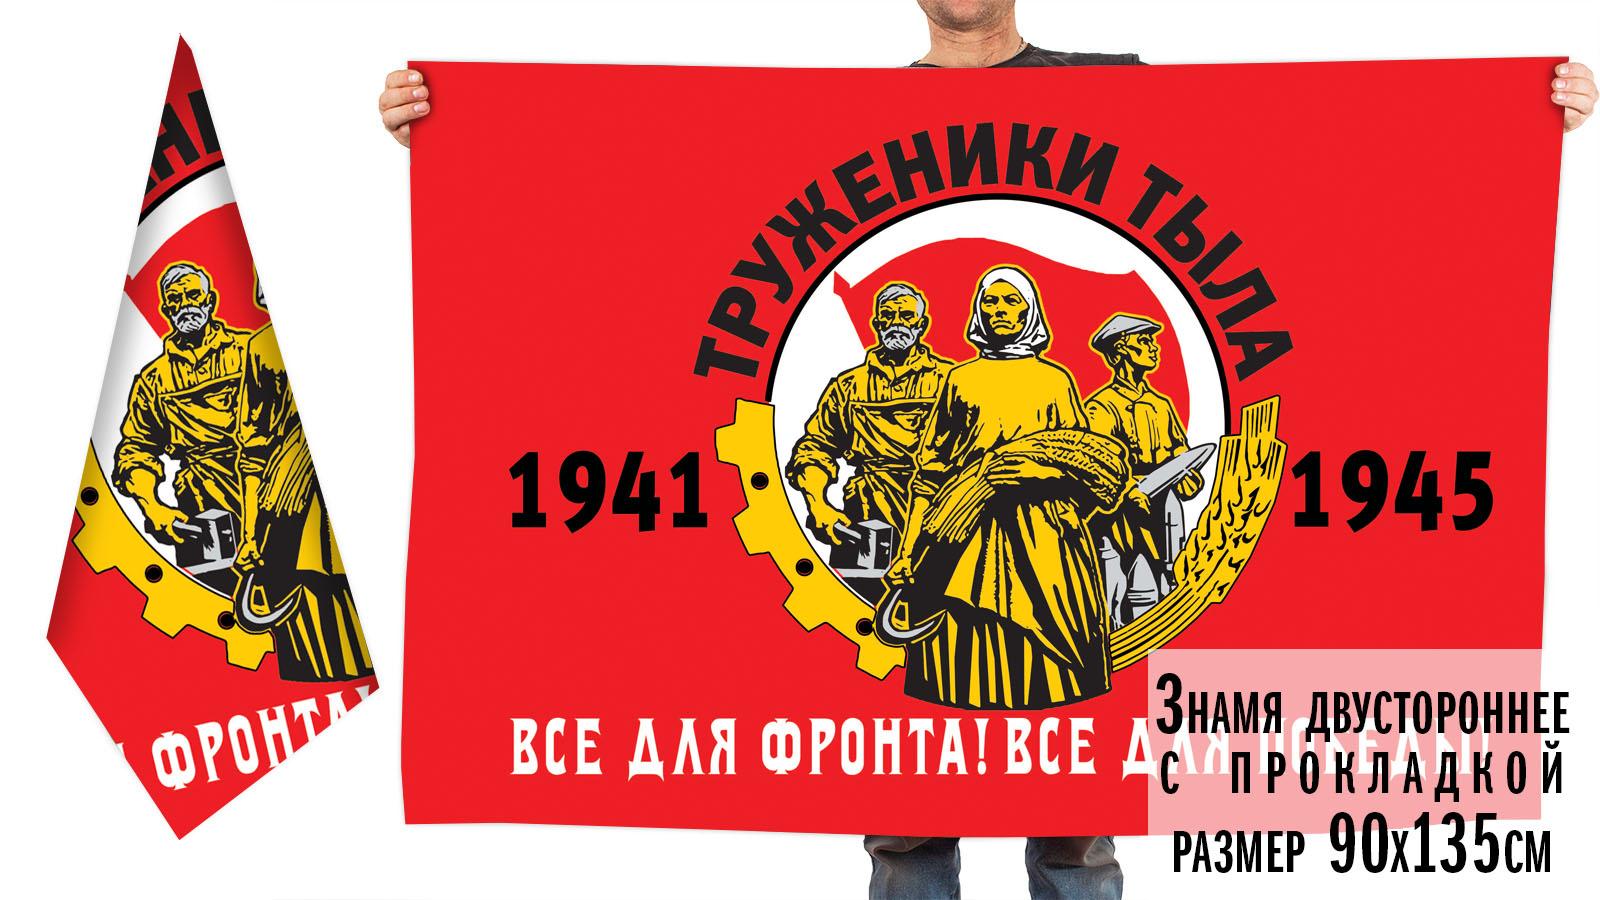 Двустороннее знамя для мероприятий на юбилей Победы в ВОВ «Труженики тыла»